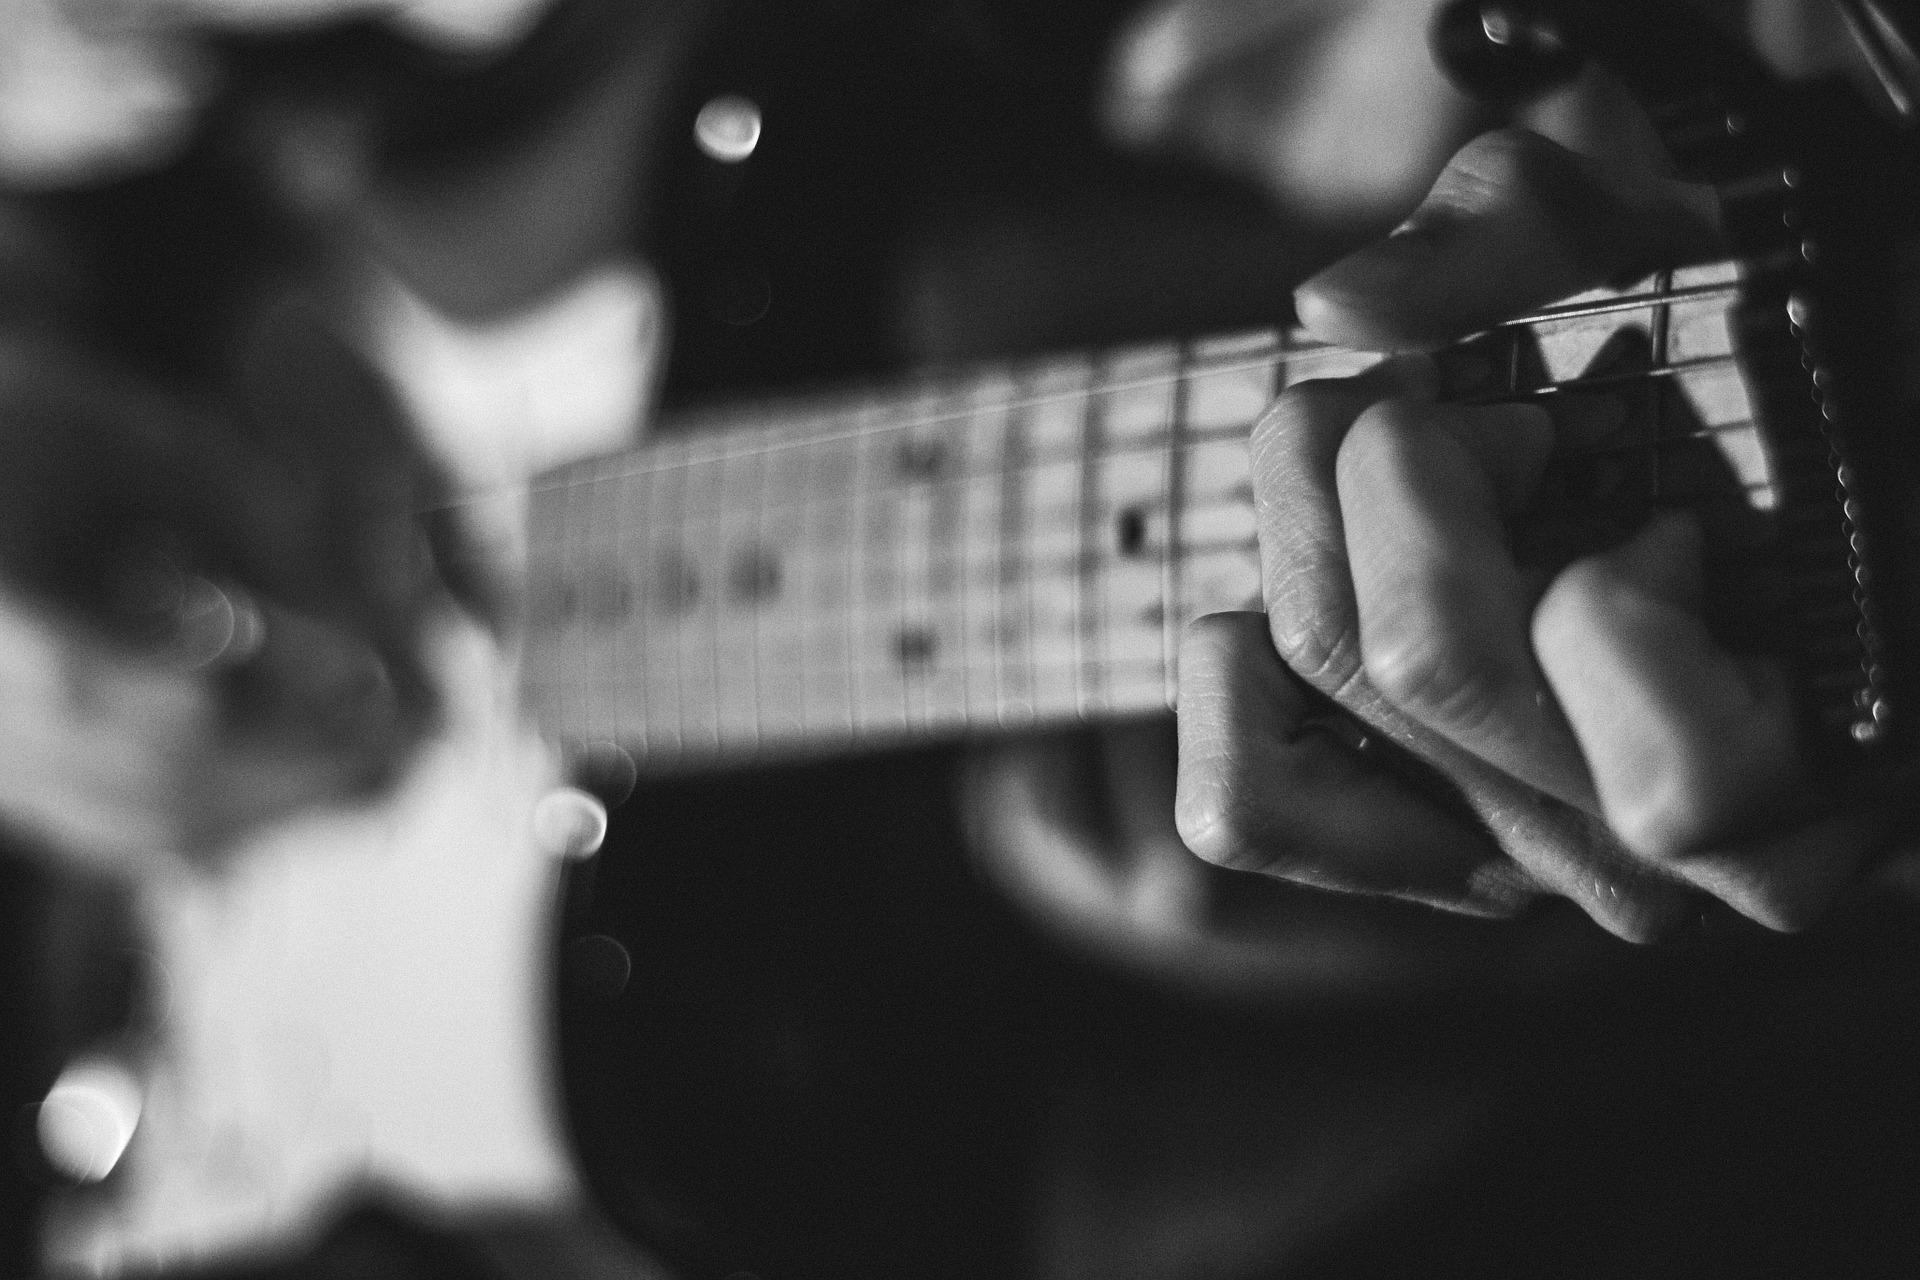 ギターの引き方を教えてる男